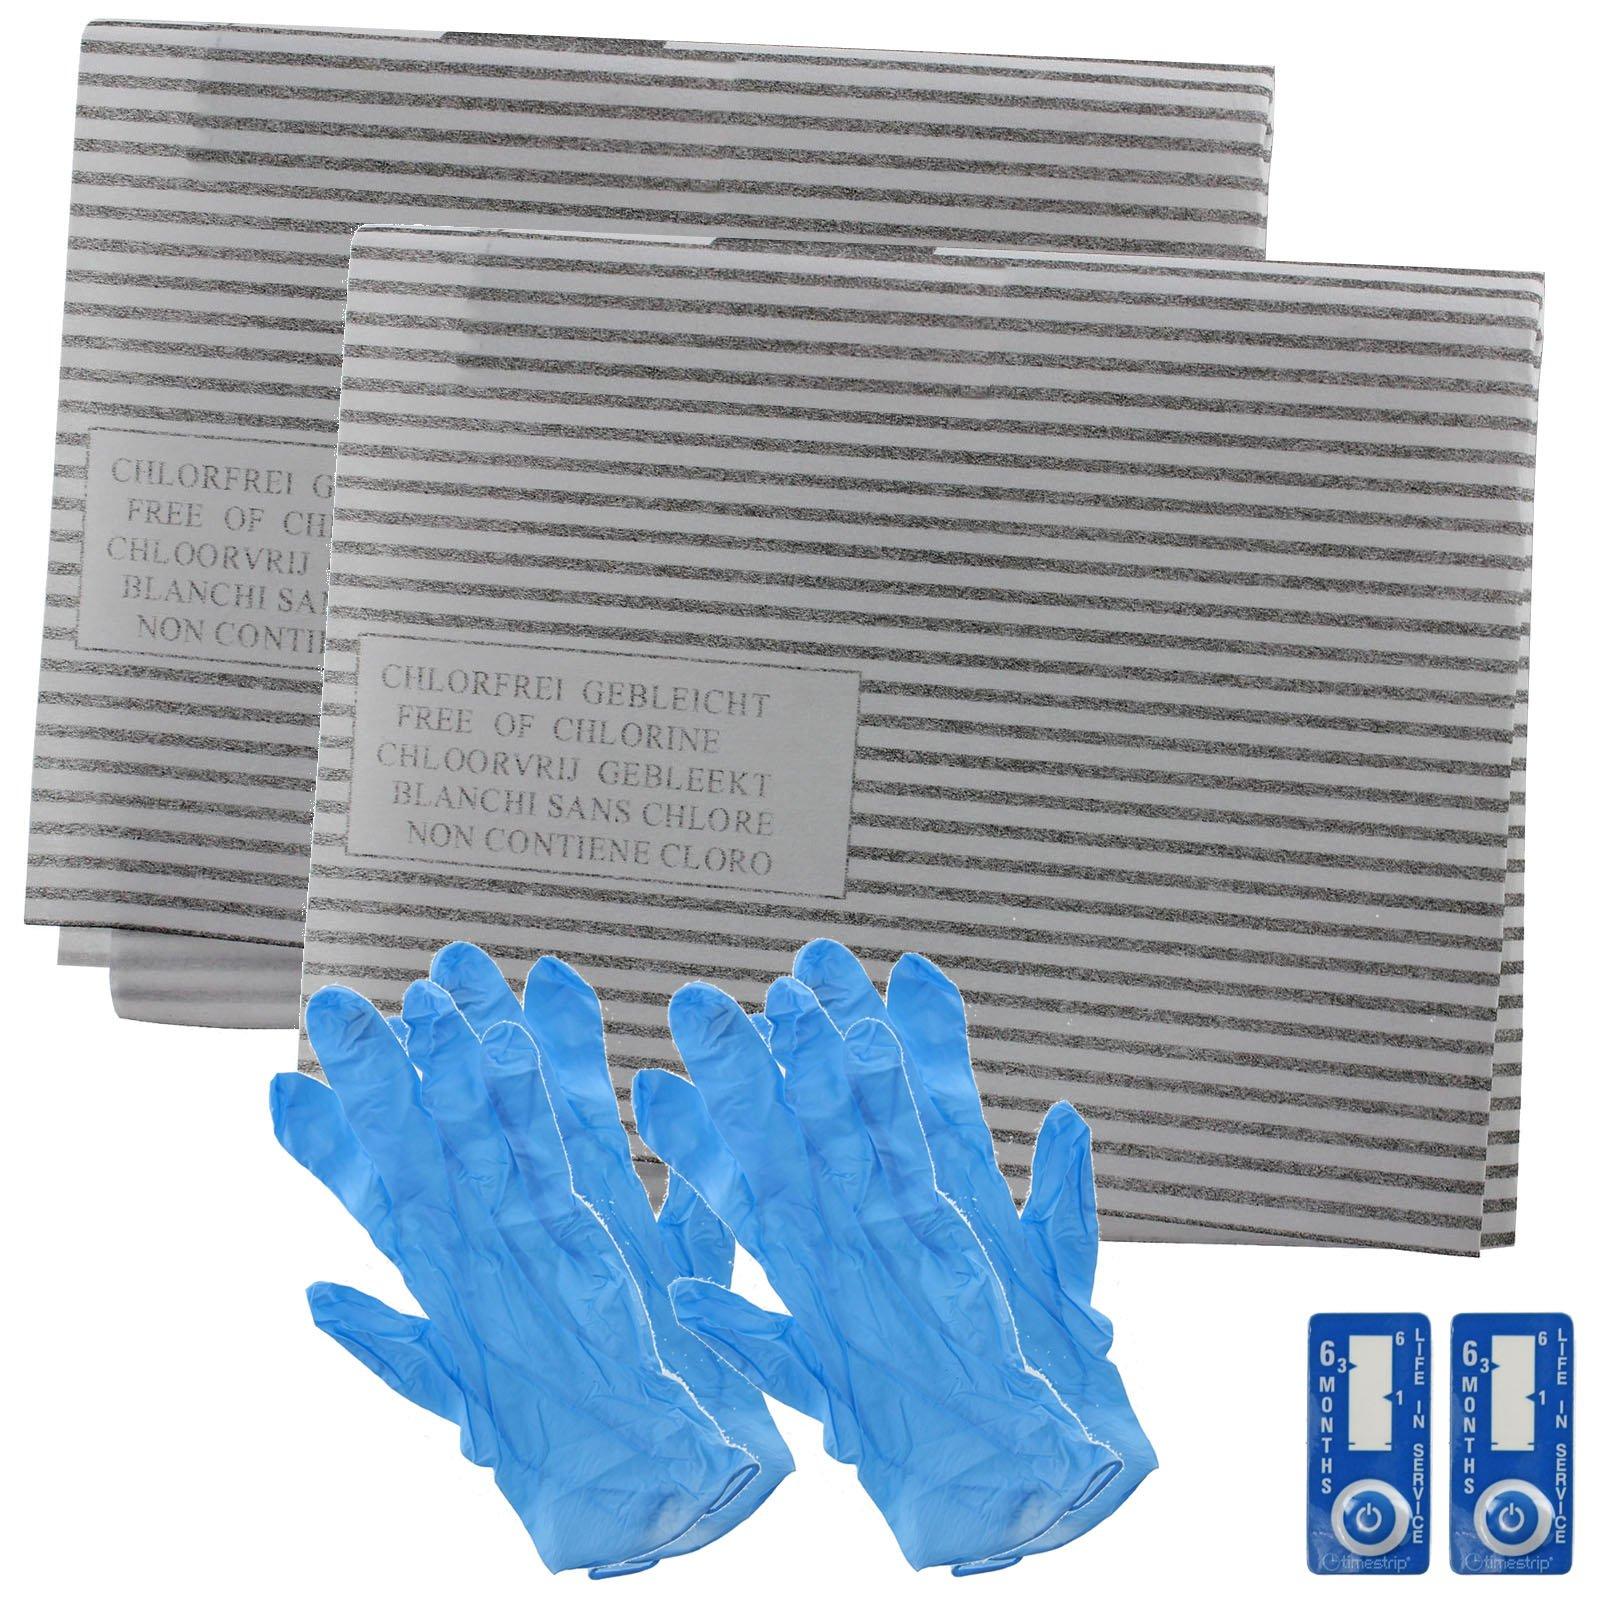 Spares2go Kit de filtro de grasa para campana de cocina para Fagor Ventilador de extracción de aire rejilla de ventilación: Amazon.es: Hogar